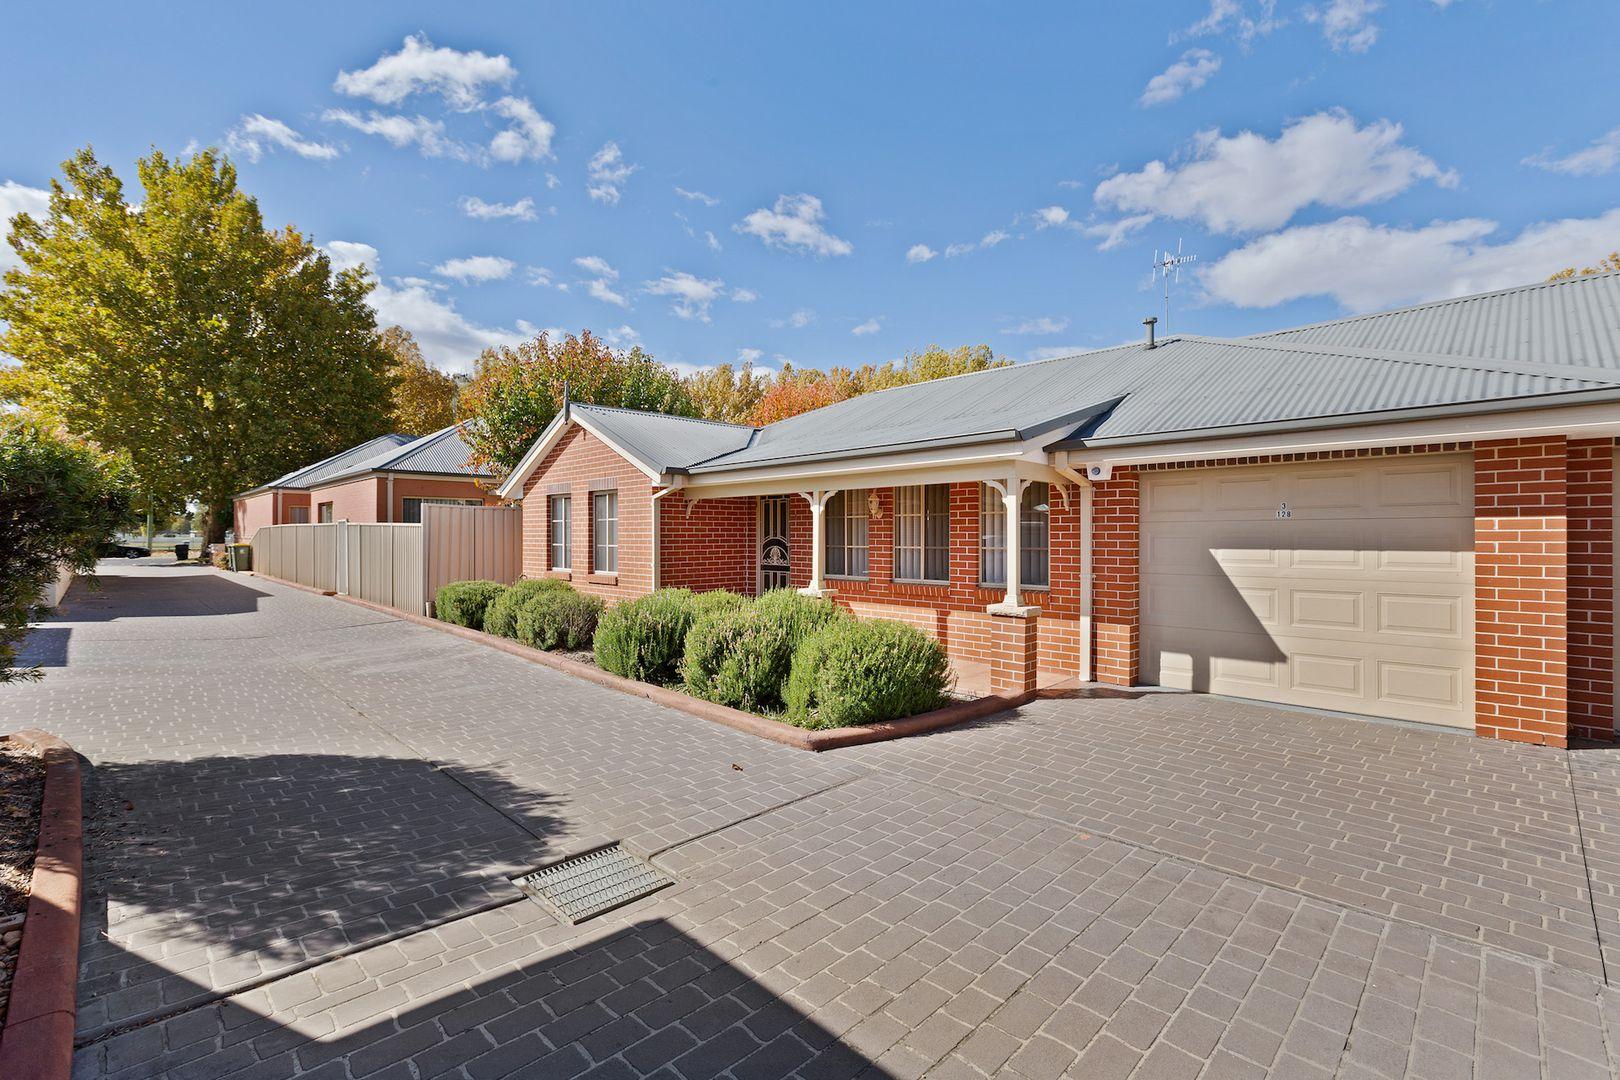 3/128 Howick Street, Bathurst NSW 2795, Image 0